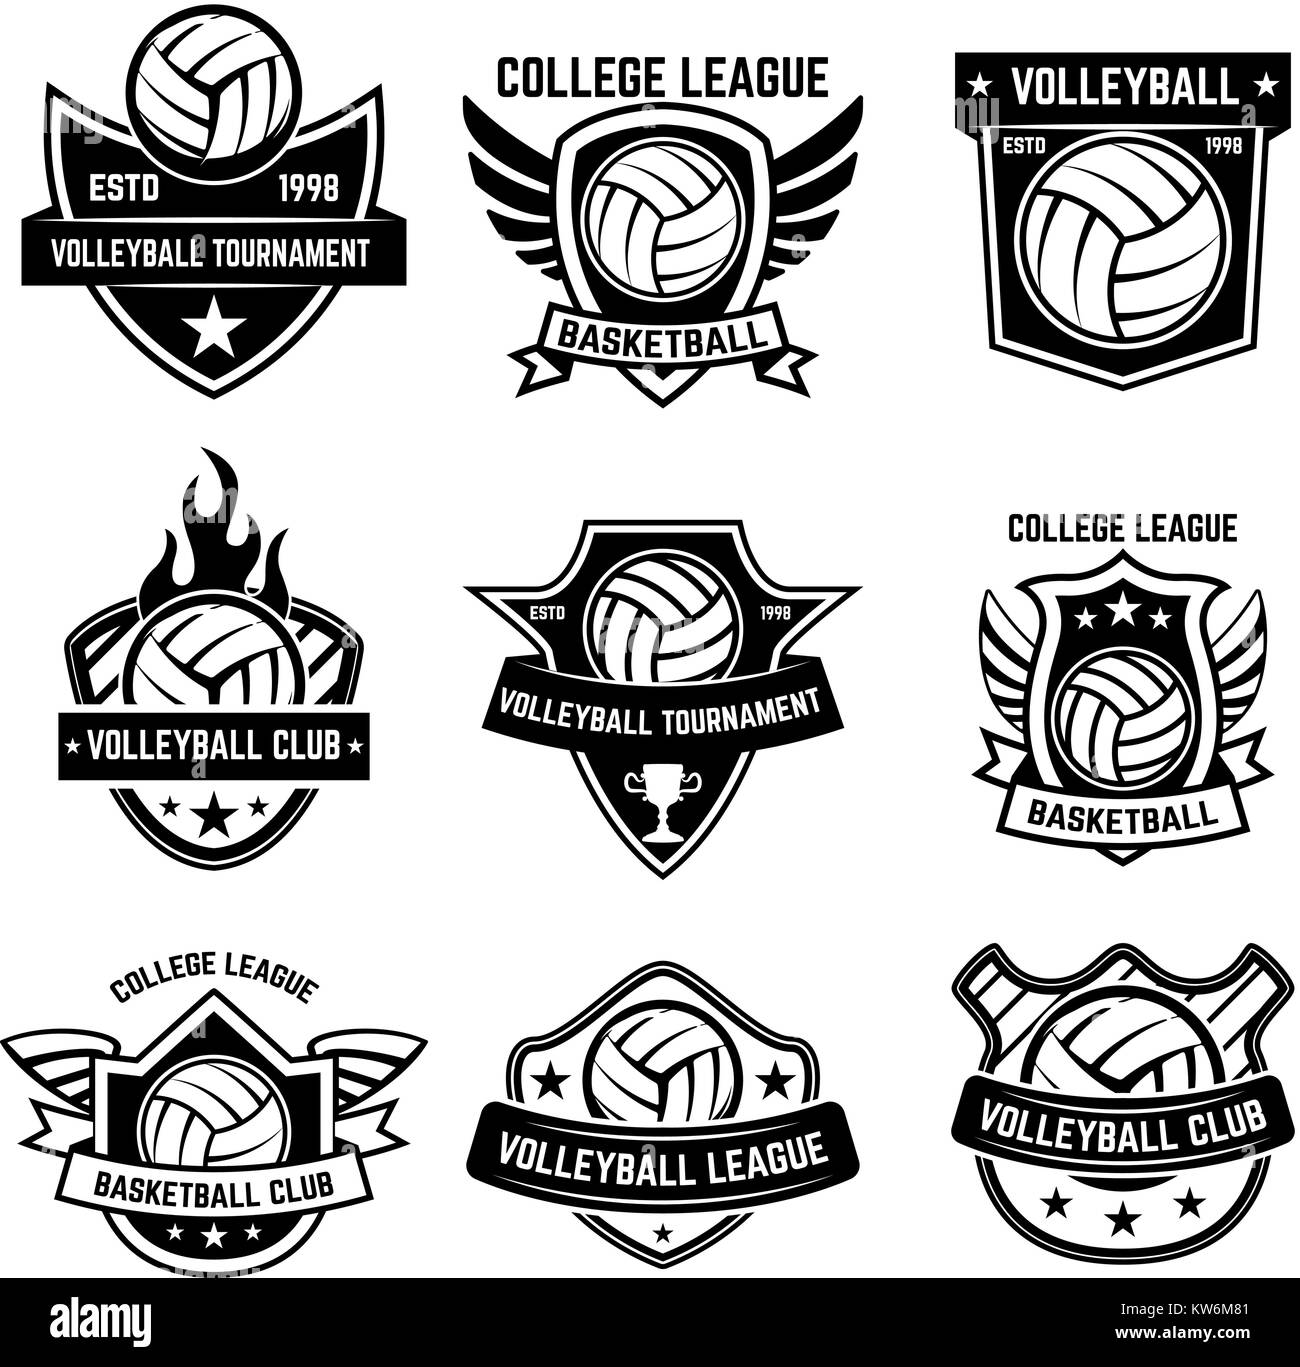 440 Foto Desain Logo Club Volly Gratis Terbaik Download Gratis